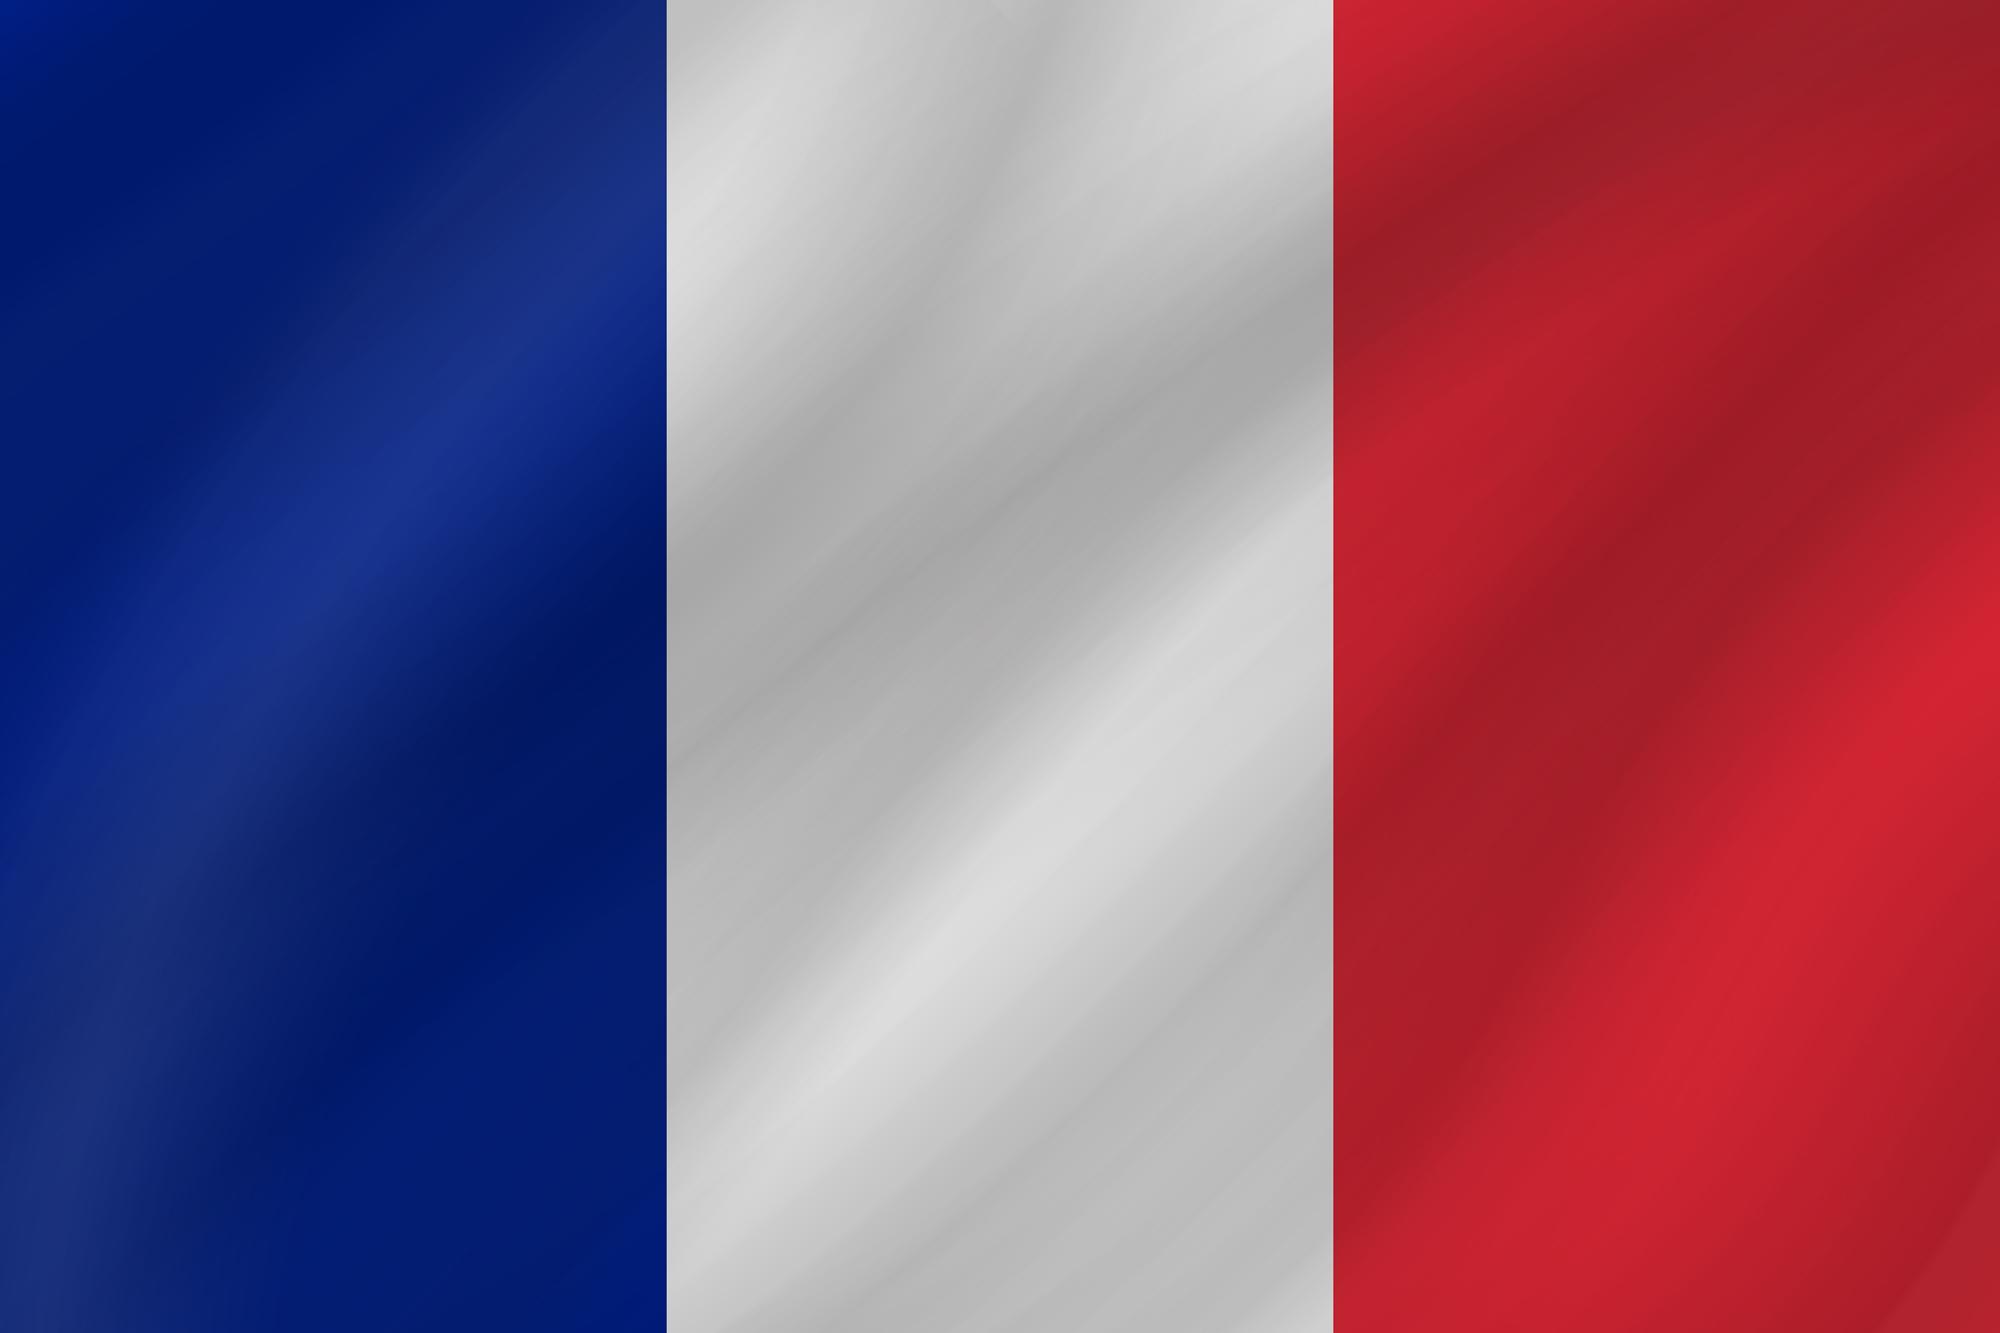 Durchschnittseinkommen Frankreich